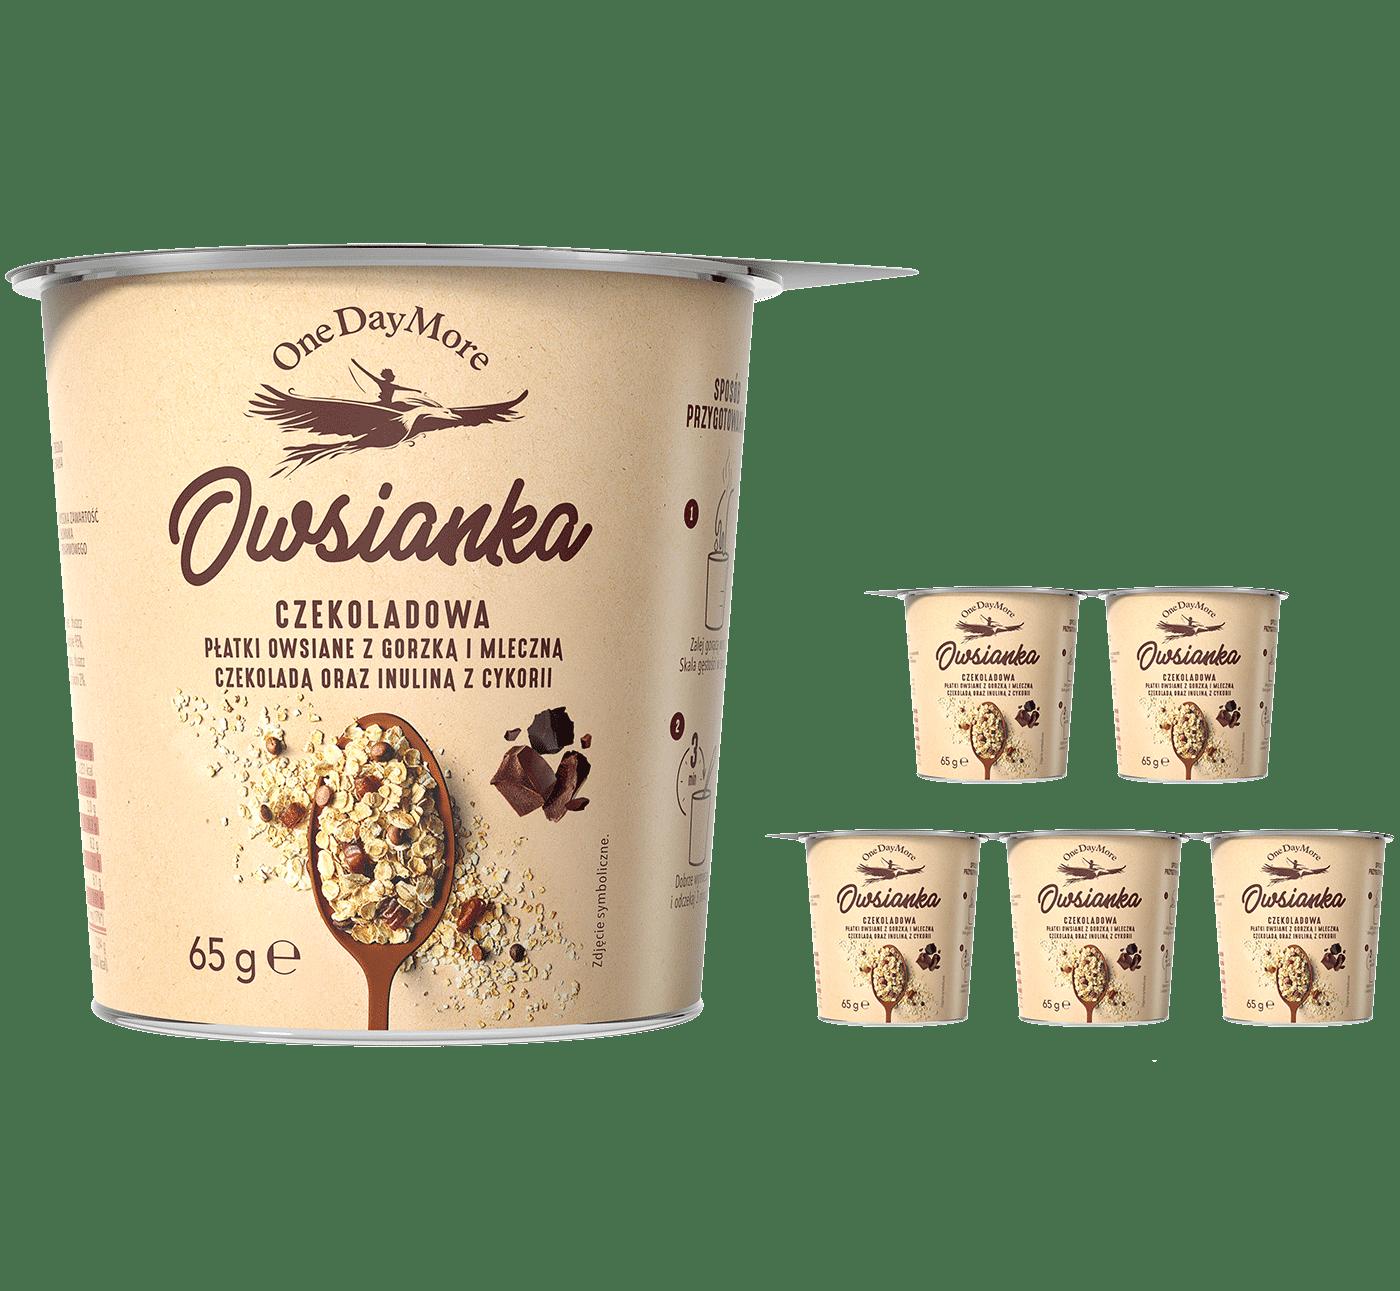 owsianka-czekoladowa-bez-cukru-zestaw-przod-onedaymore-1400×1291